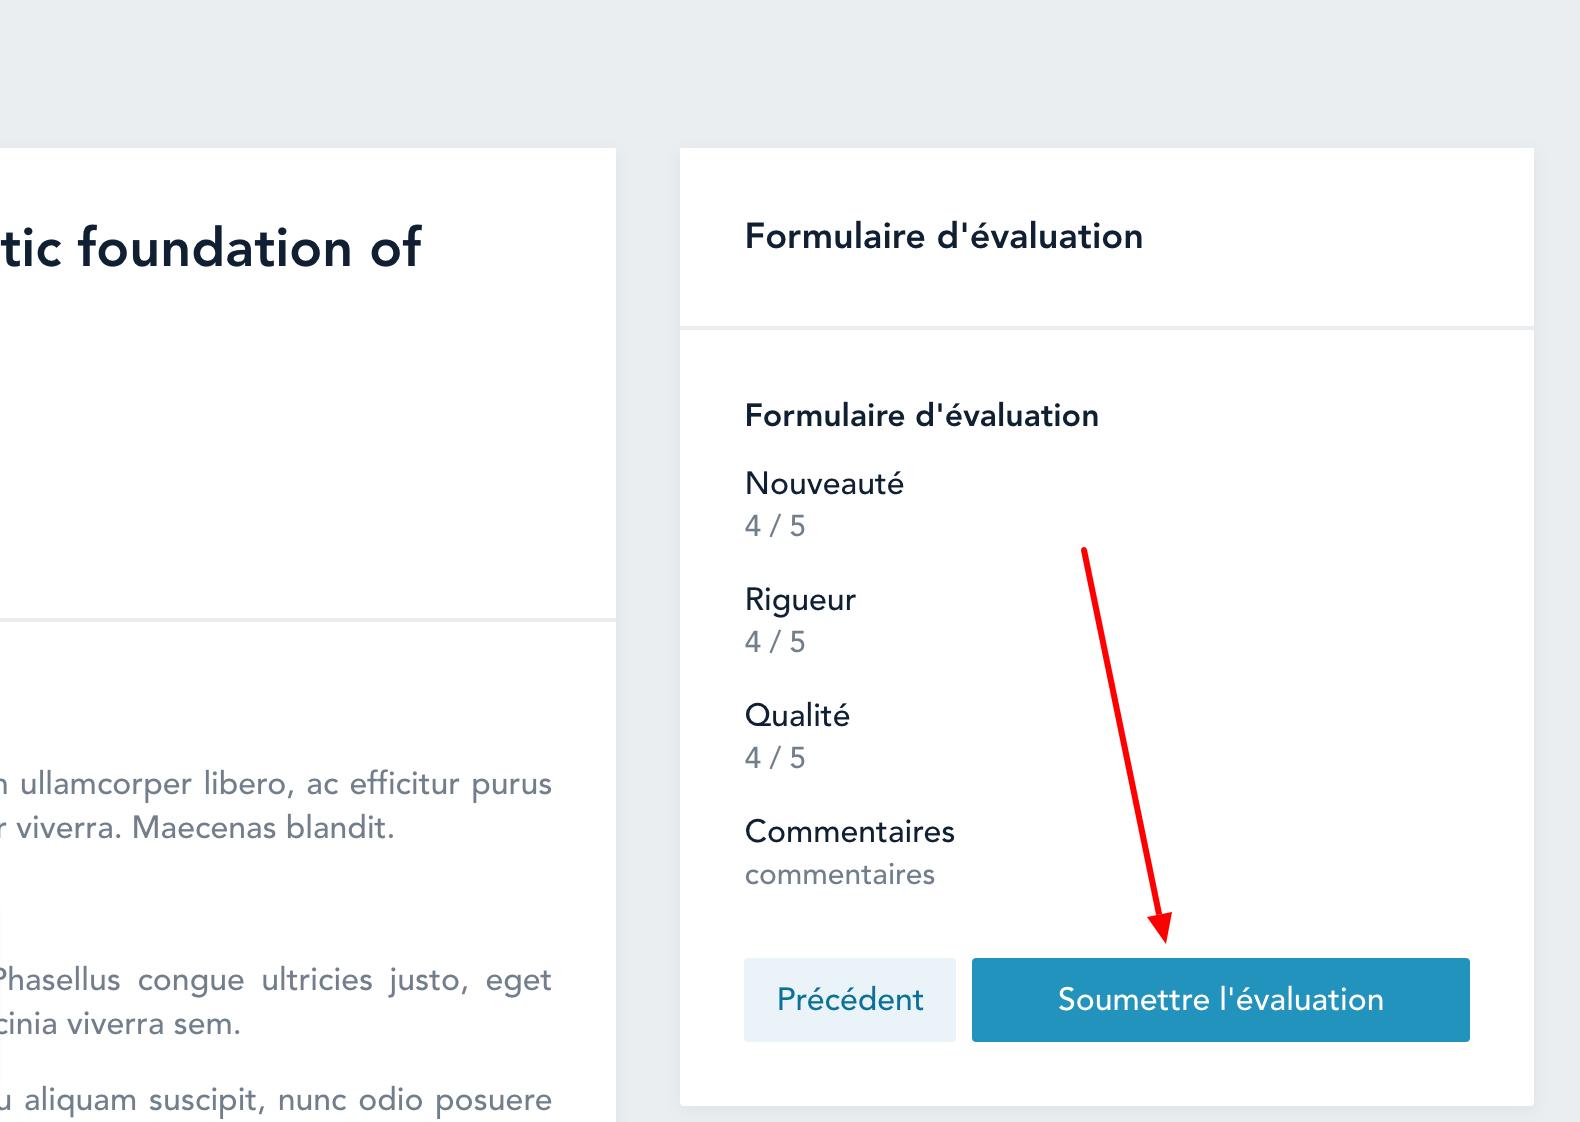 Enfin, les évaluateurs soumettent leur évaluation